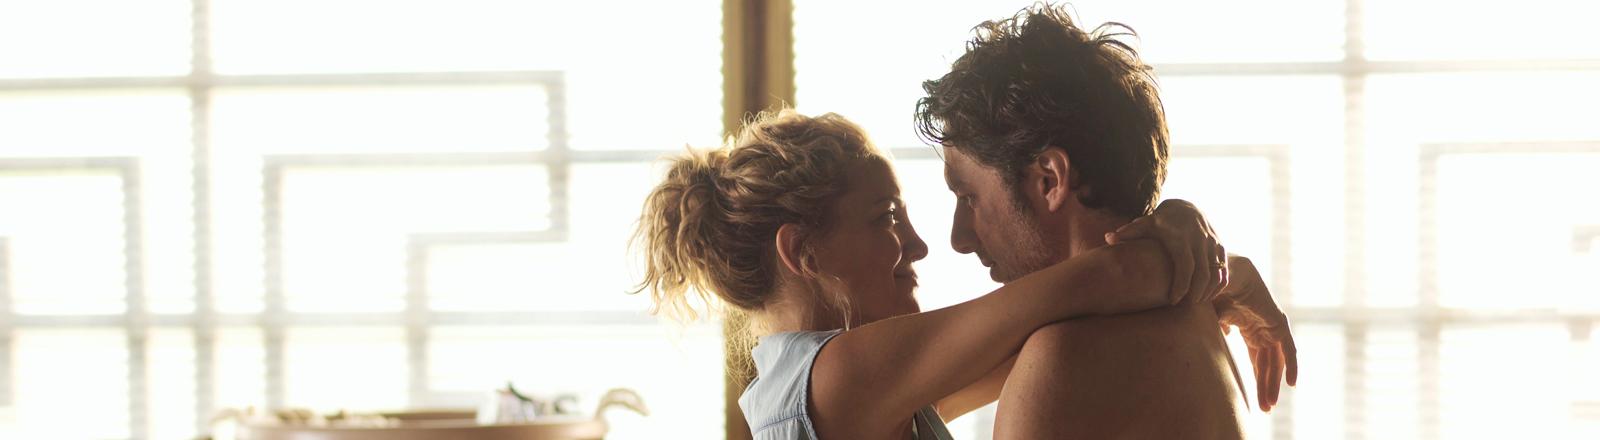 """Zach Braff als Aidan Bloom und Kate Hudson als Sarah Bloom in einer Szene des Kinofilms """"Wish I was here"""""""